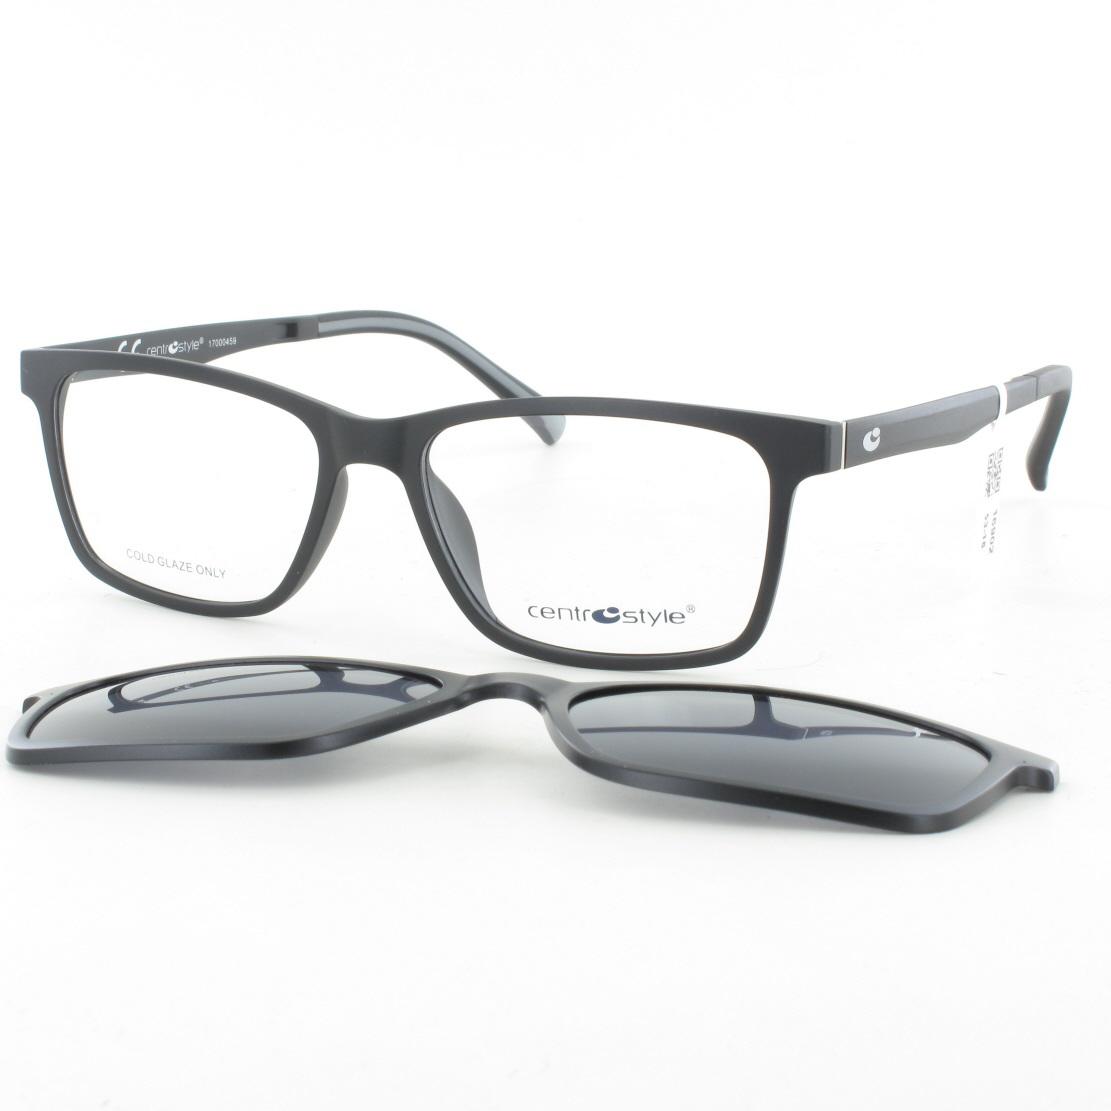 Nicola occhiali Nuova Occhiali Ottica Da Ottica Vista Squizzato BOxCxwEqS